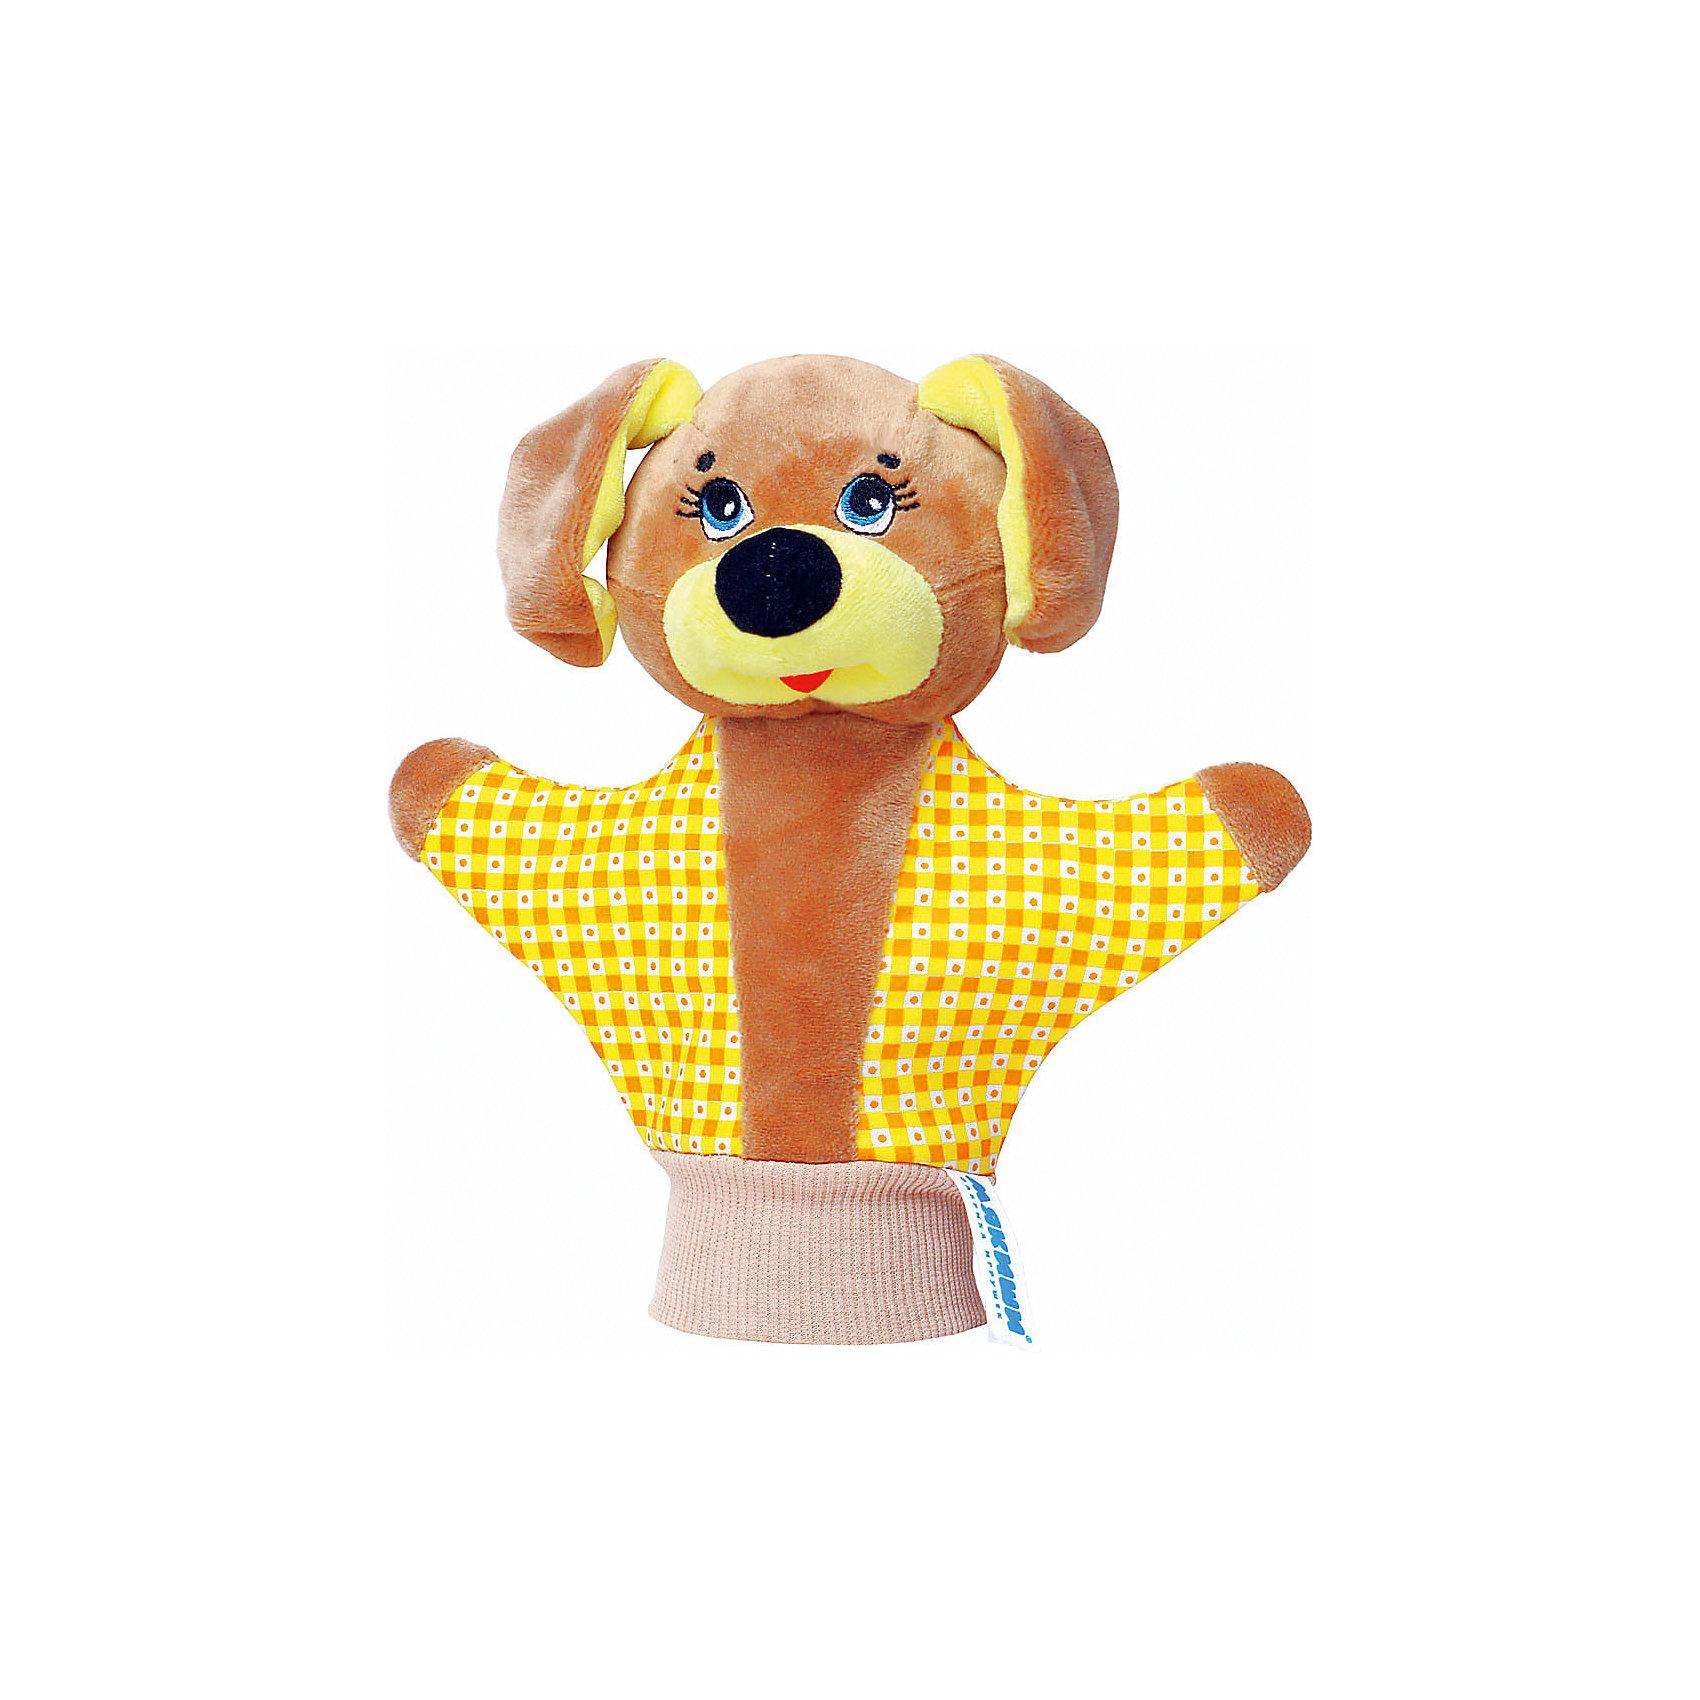 Игрушка-рукавичка Собачка, МякишиМягкие игрушки на руку<br>Характеристики товара:<br><br>• материал: трикотаж, велюр<br>• комплектация: 1 шт<br>• размер игрушки: 22х21 см<br>• размер упаковки: 22х21 см<br>• развивающая игрушка<br>• упаковка: пакет<br>• звуковой элемент внутри<br>• страна бренда: РФ<br>• страна изготовитель: РФ<br><br>Малыши активно познают мир и тянутся к новой информации. Чтобы сделать процесс изучения окружающего пространства интереснее, ребенку можно подарить развивающие игрушки. В процессе игры информация усваивается намного лучше!<br>Такие игрушки-рукавички помогут занять малыша, играть с ними приятно и весело. Игрушка имеет универсальный размер - она отлично сядет и по взрослой руке и по детской ручке. С ней можно разыграть множество сюжетов! Одновременно она позволит познакомиться с разными цветами и фактурами. Такие игрушки развивают тактильные ощущения, моторику, цветовосприятие, логику, воображение, учат фокусировать внимание. Каждое изделие абсолютно безопасно – оно создано из качественной ткани с мягким наполнителем. Игрушки производятся из качественных и проверенных материалов, которые безопасны для детей.<br><br>Игрушку-рукавичку Собачка от бренда Мякиши можно купить в нашем интернет-магазине.<br><br>Ширина мм: 200<br>Глубина мм: 80<br>Высота мм: 210<br>Вес г: 50<br>Возраст от месяцев: 12<br>Возраст до месяцев: 36<br>Пол: Унисекс<br>Возраст: Детский<br>SKU: 5183169